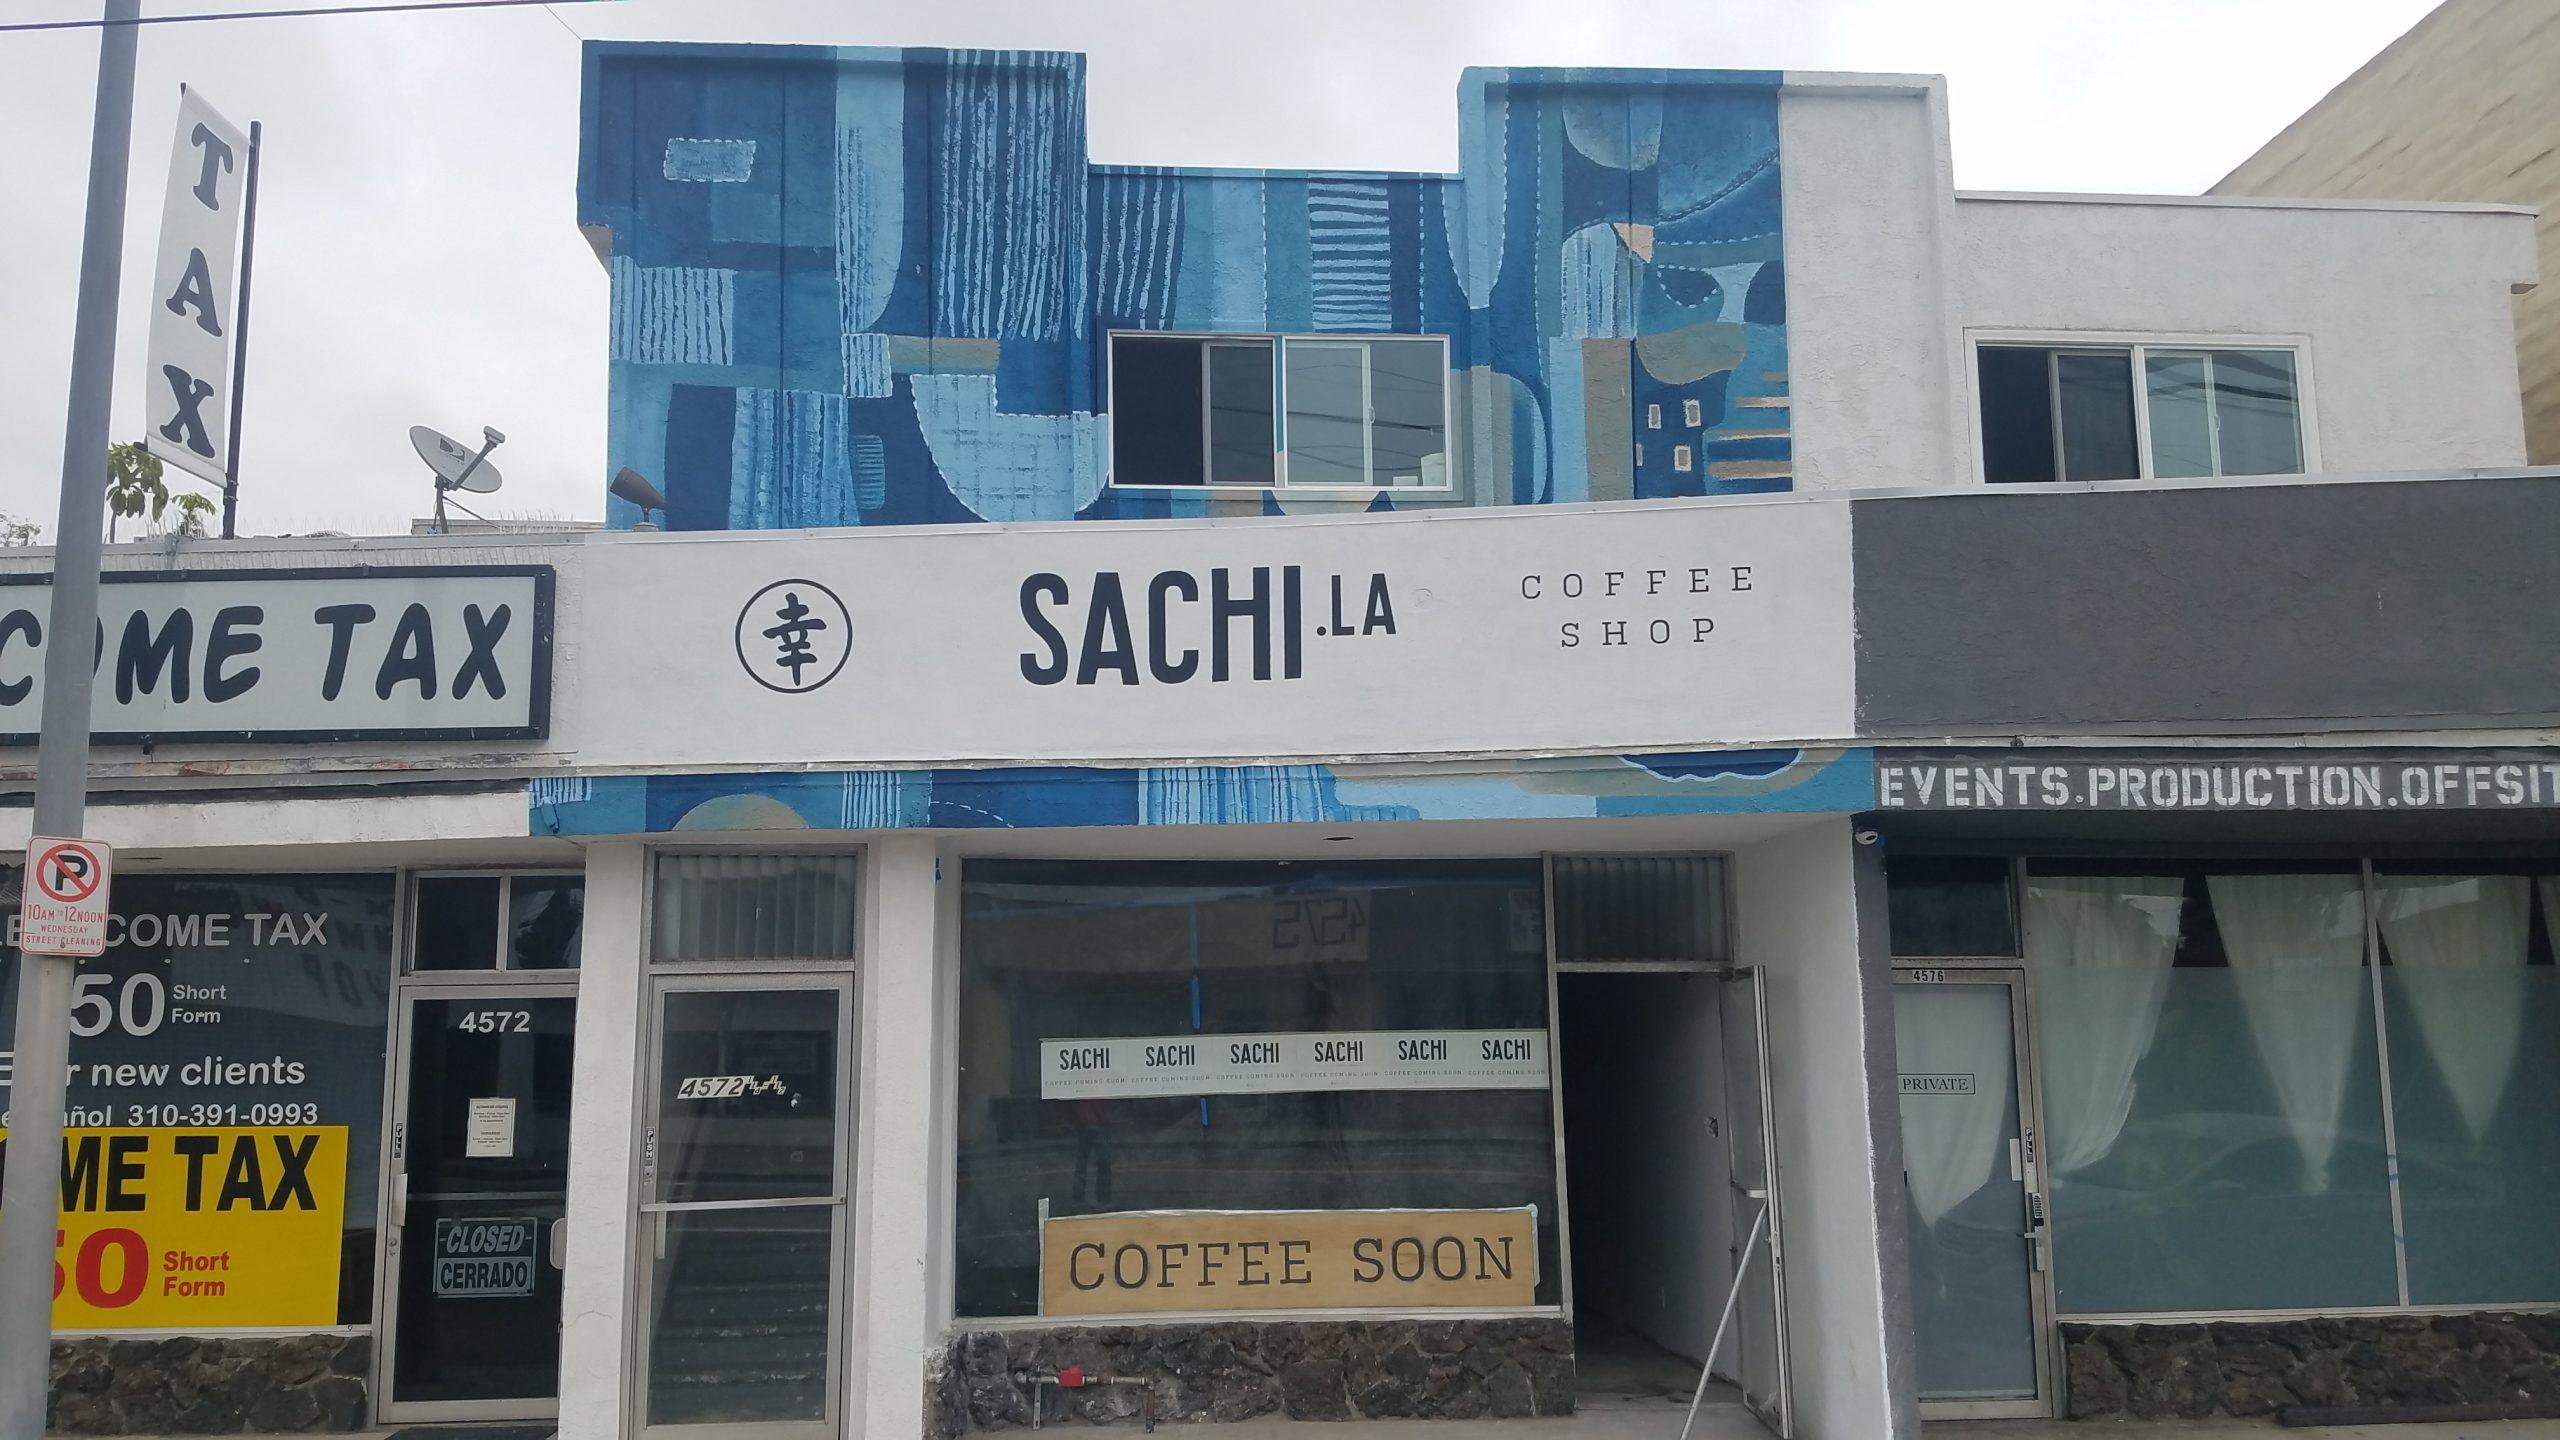 Sachi LA Coffee Shop - City of Los Angeles